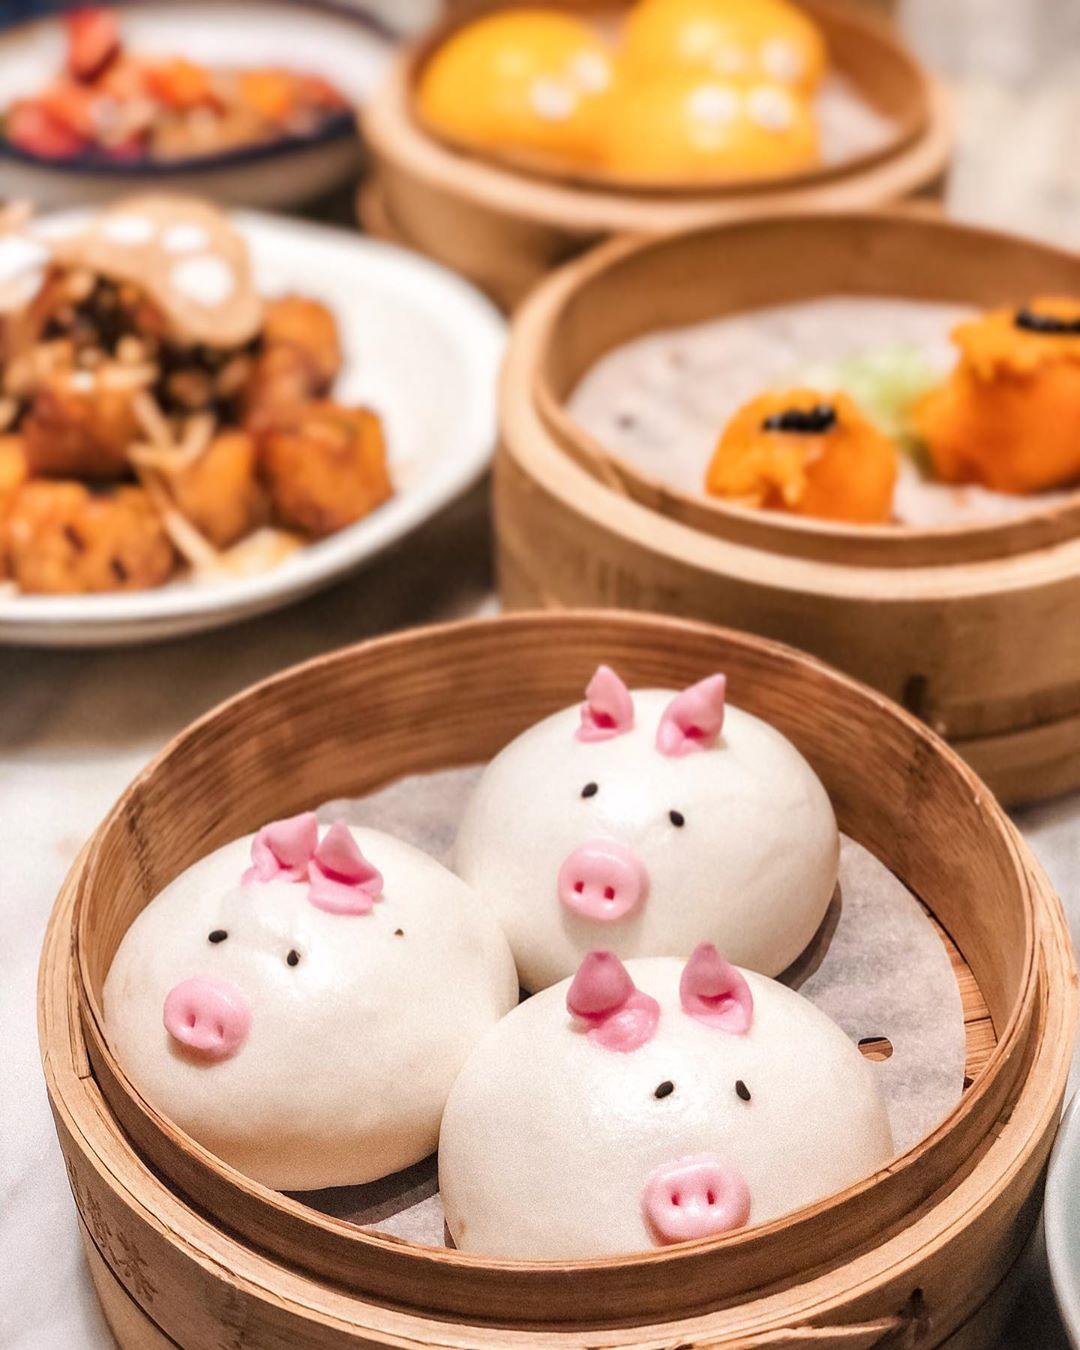 Nằm lòng 7 món ăn vặt siêu hấp dẫn cho team du lịch quét sập Hong Kong - Ảnh 5.